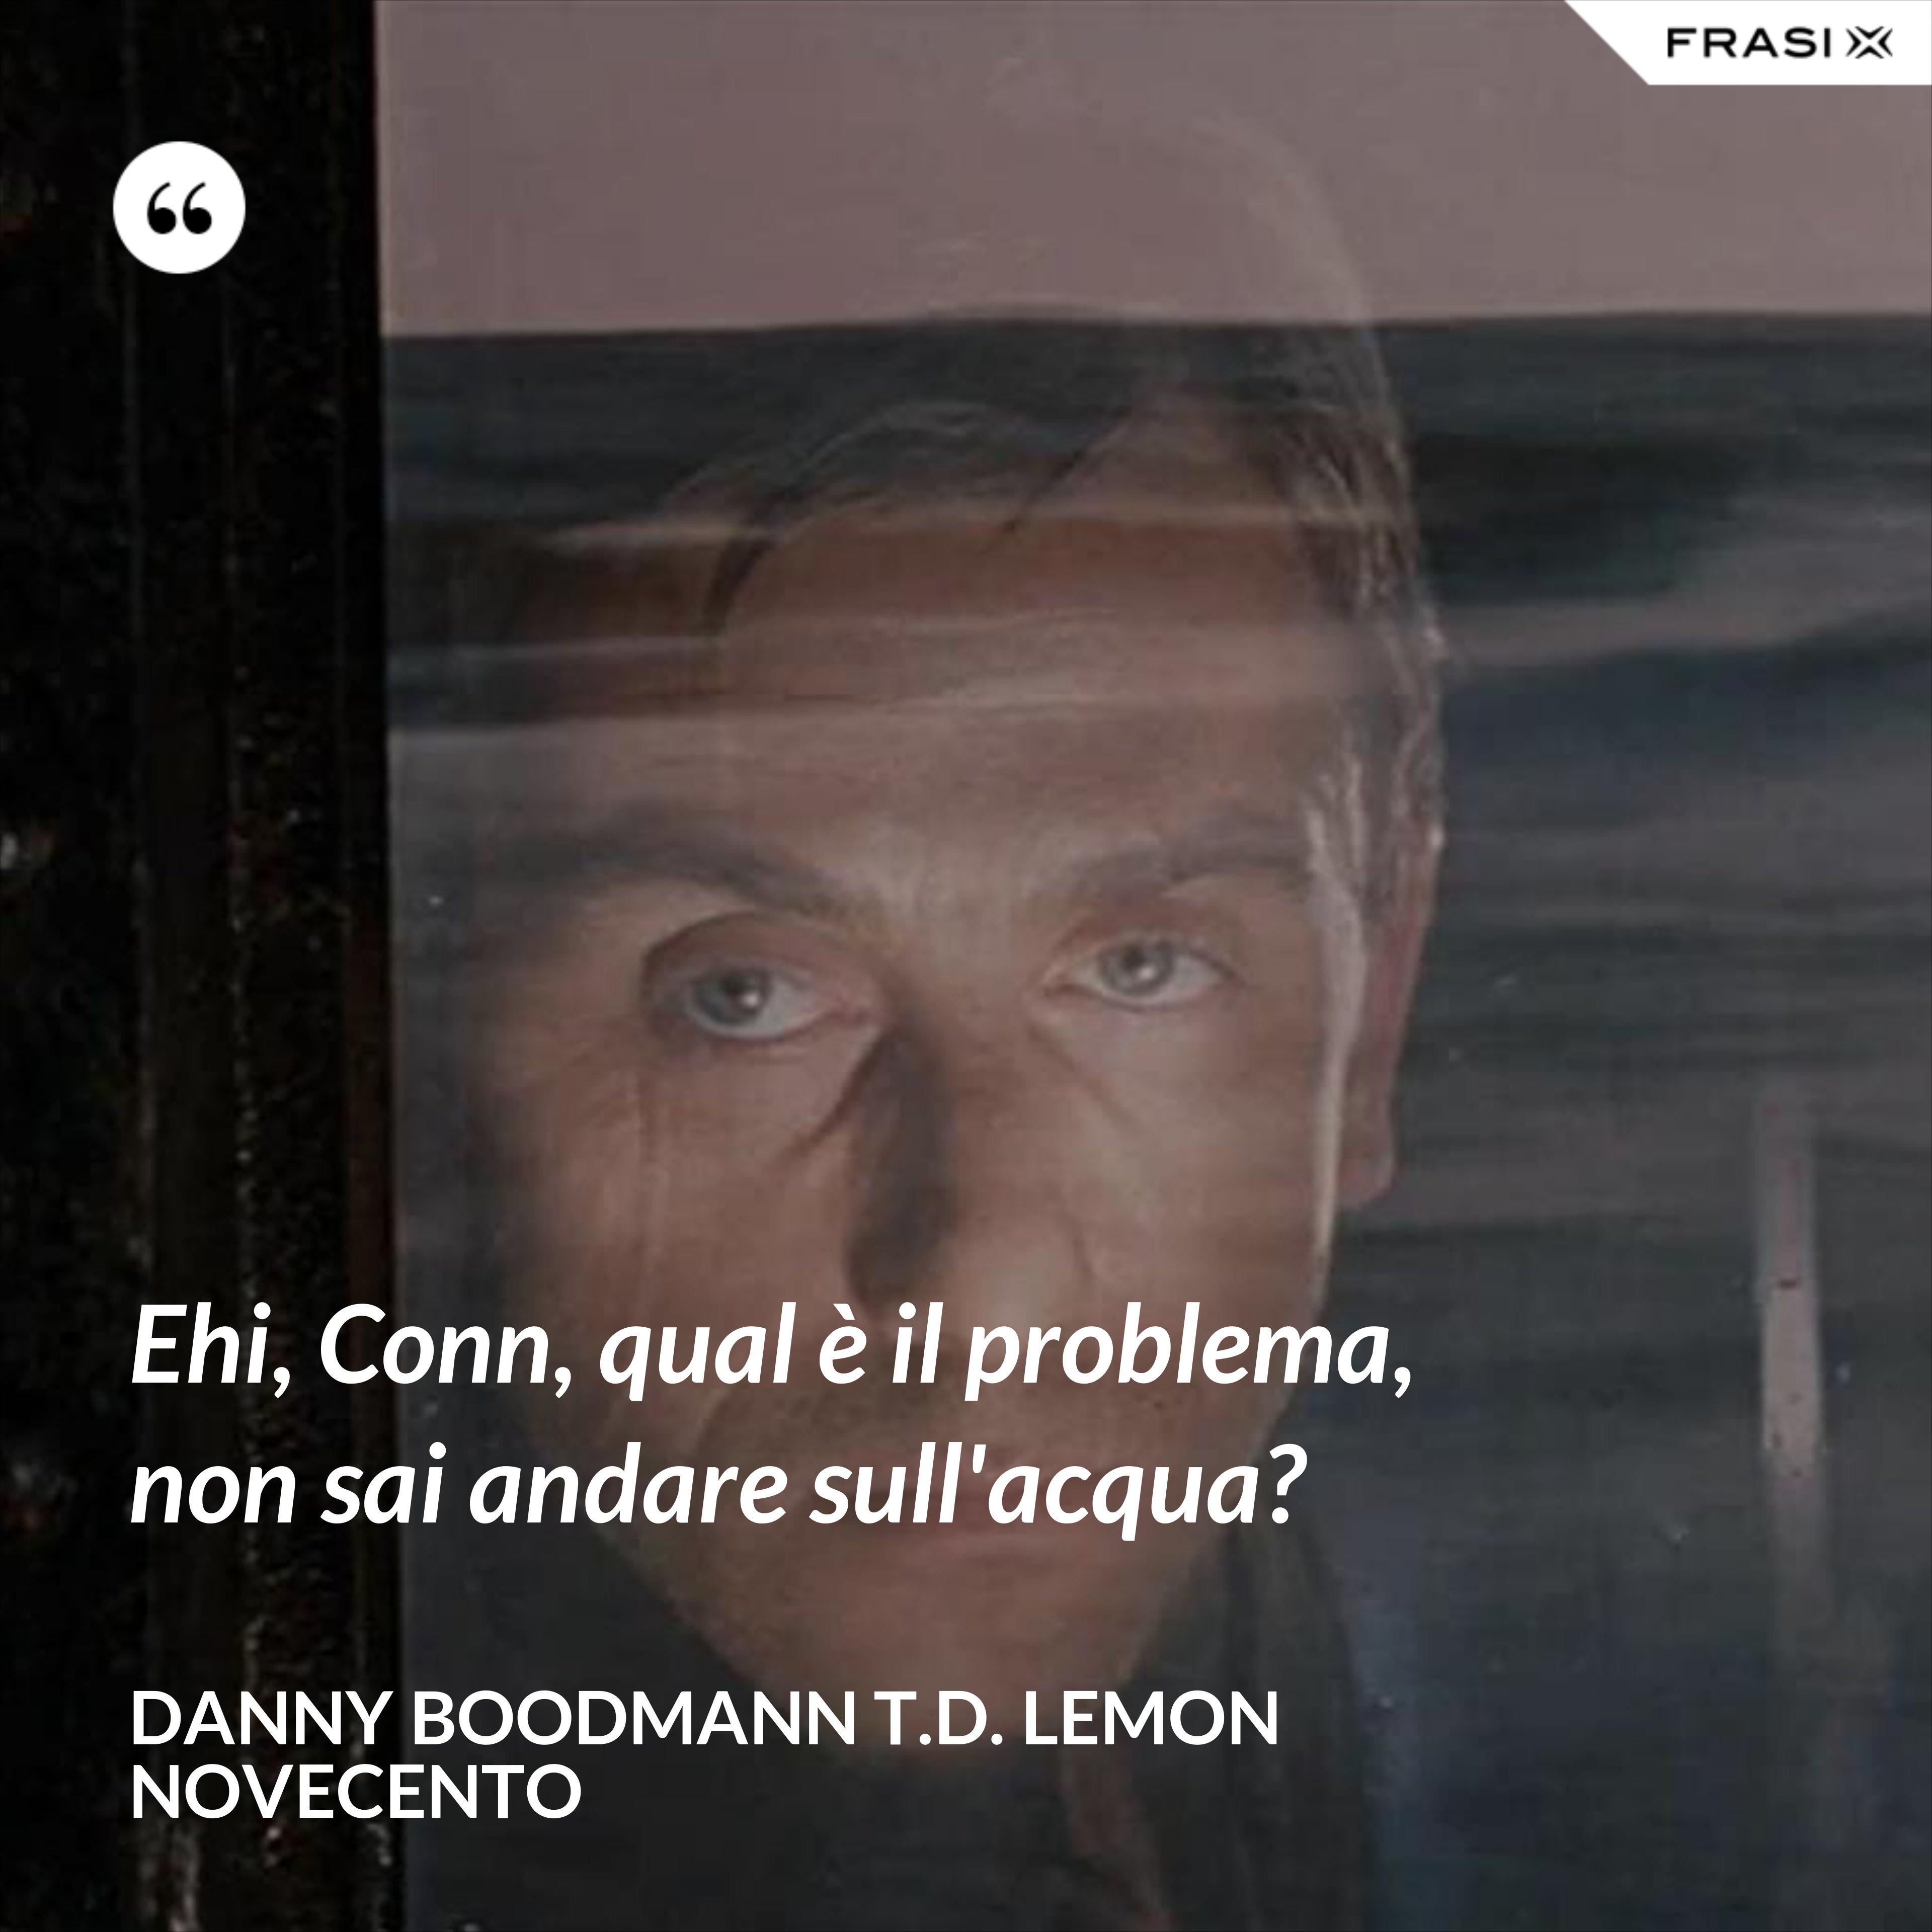 Ehi, Conn, qual è il problema, non sai andare sull'acqua? - Danny Boodmann T.D. Lemon Novecento